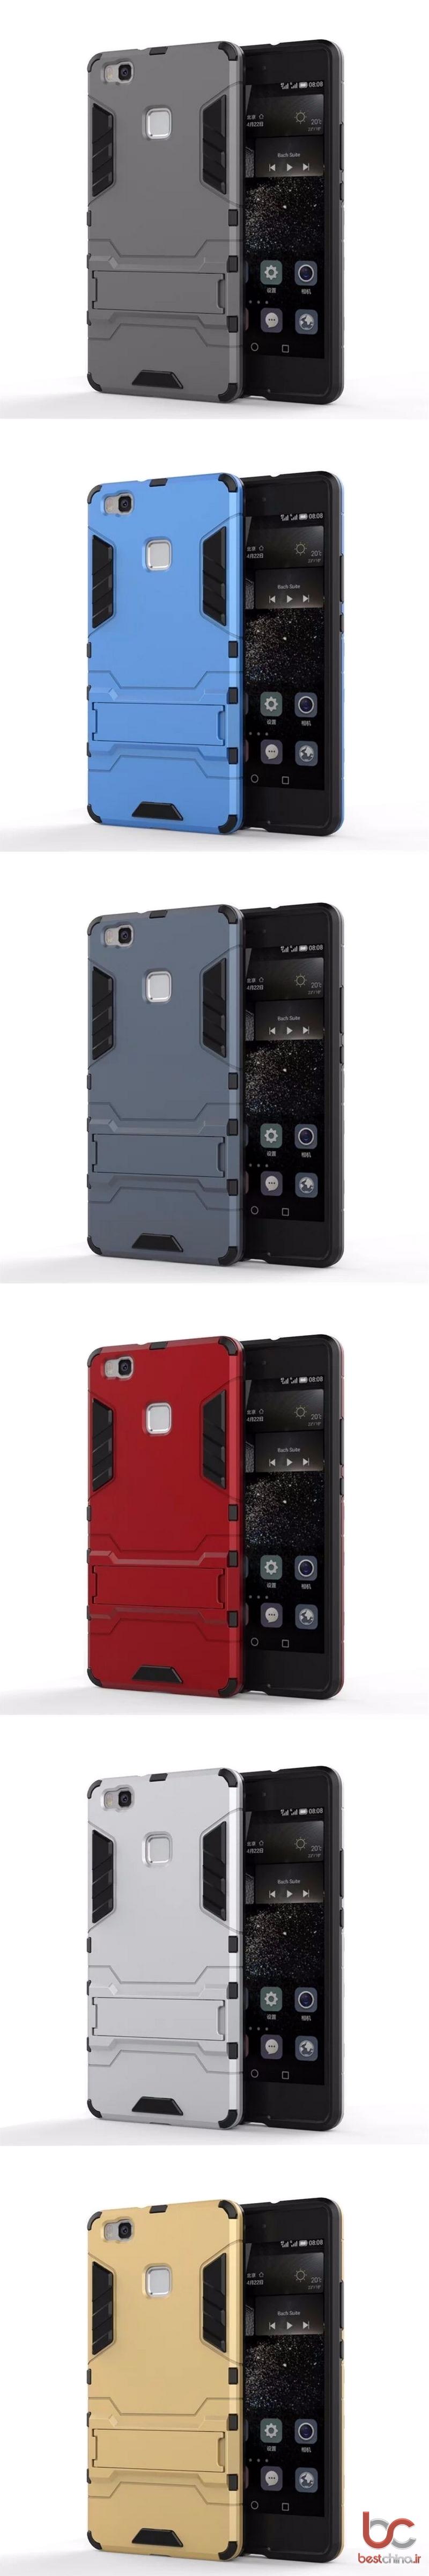 Huawei P9 Lite TPU Back Cover (1)